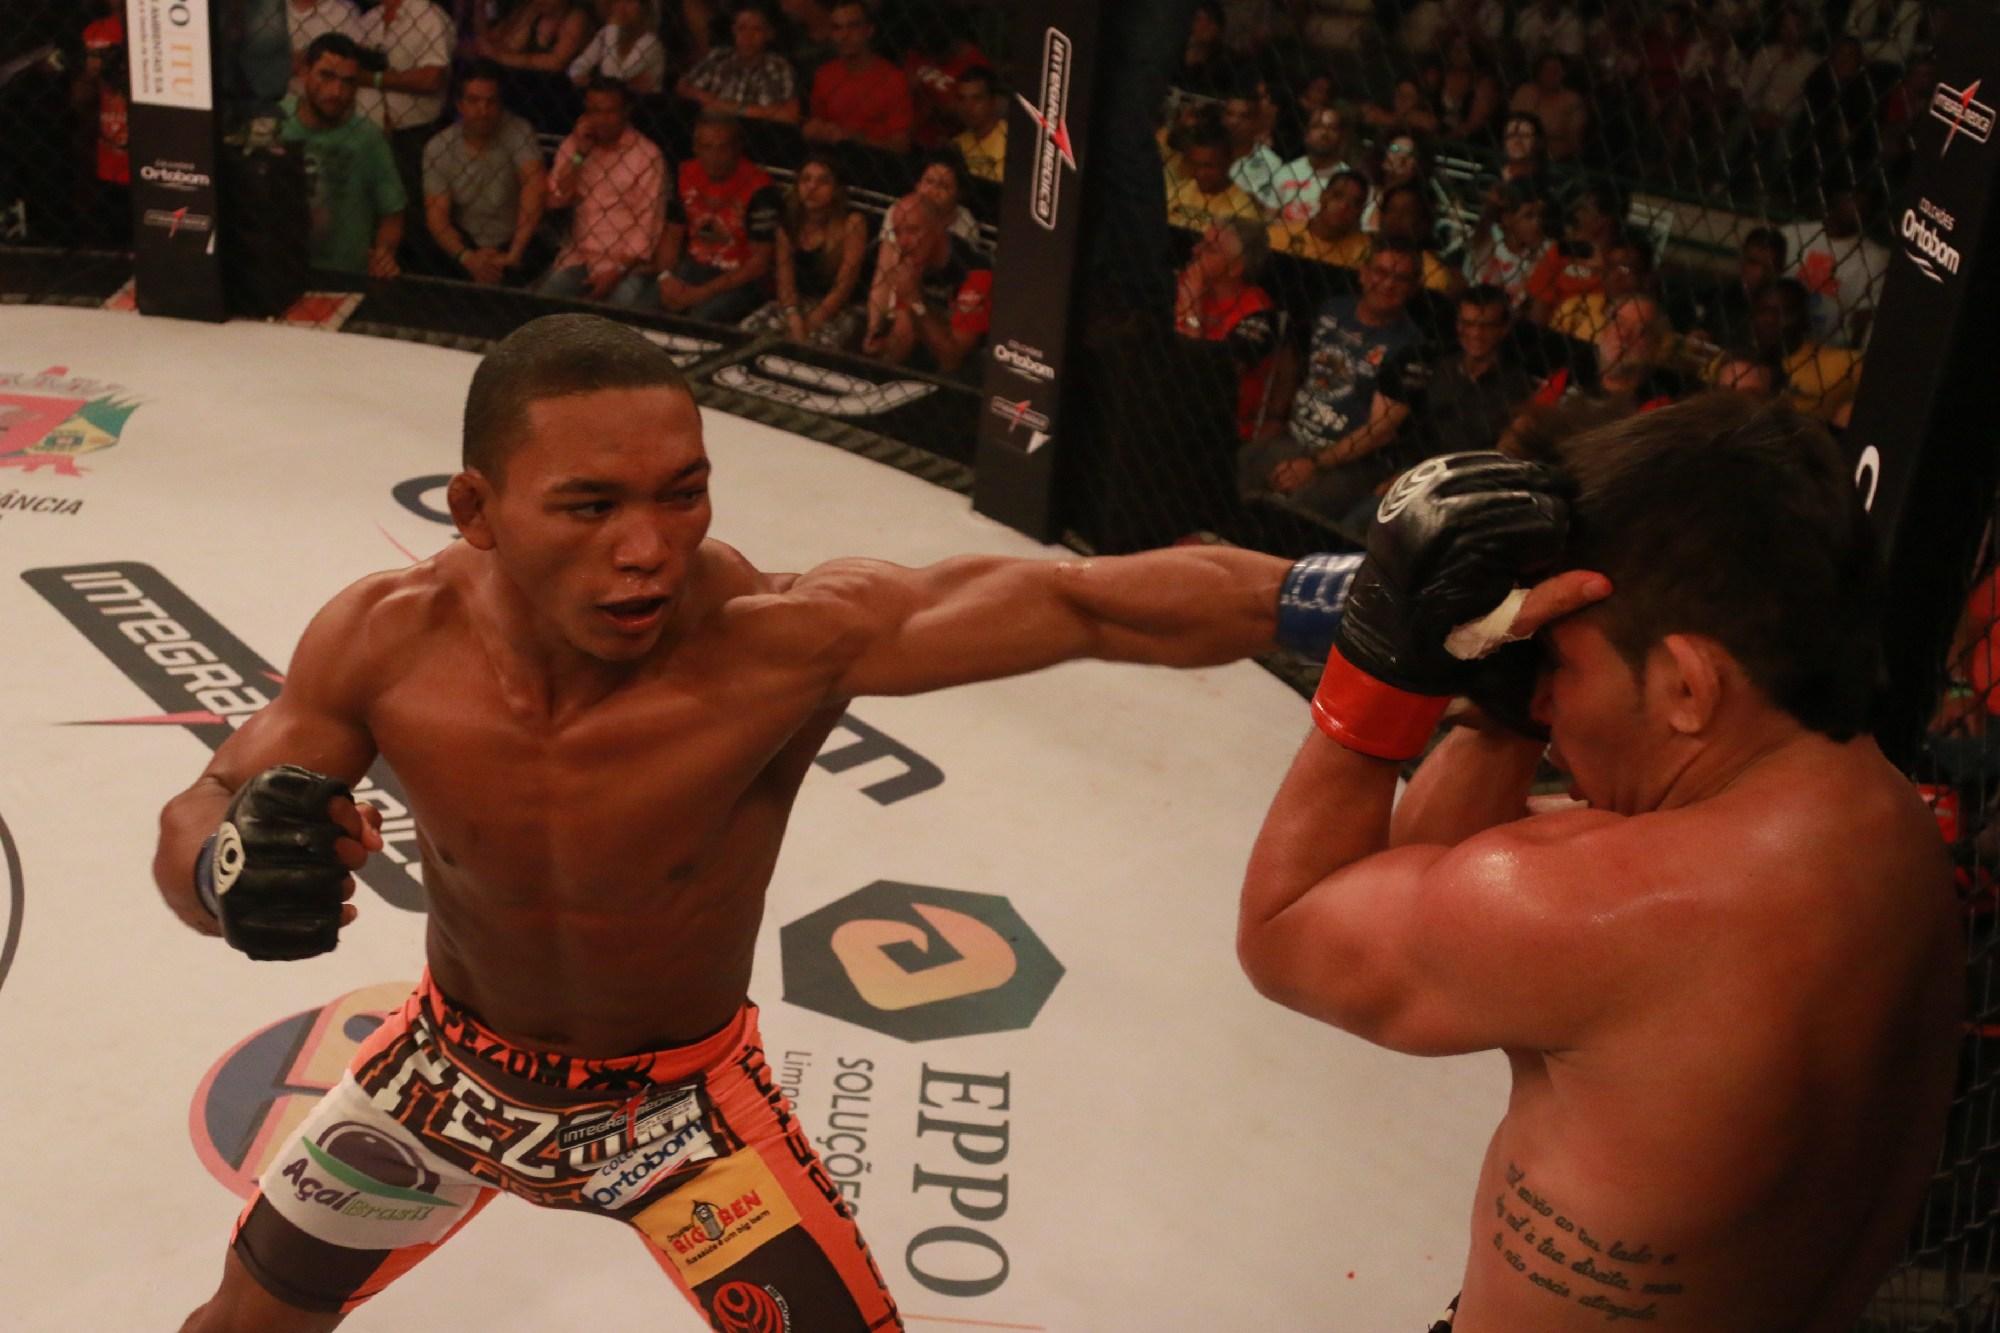 Katchal venceu o campeão Rayner e ficou com a cinta em Itu. Foto: Divulgação/Fred Pontes